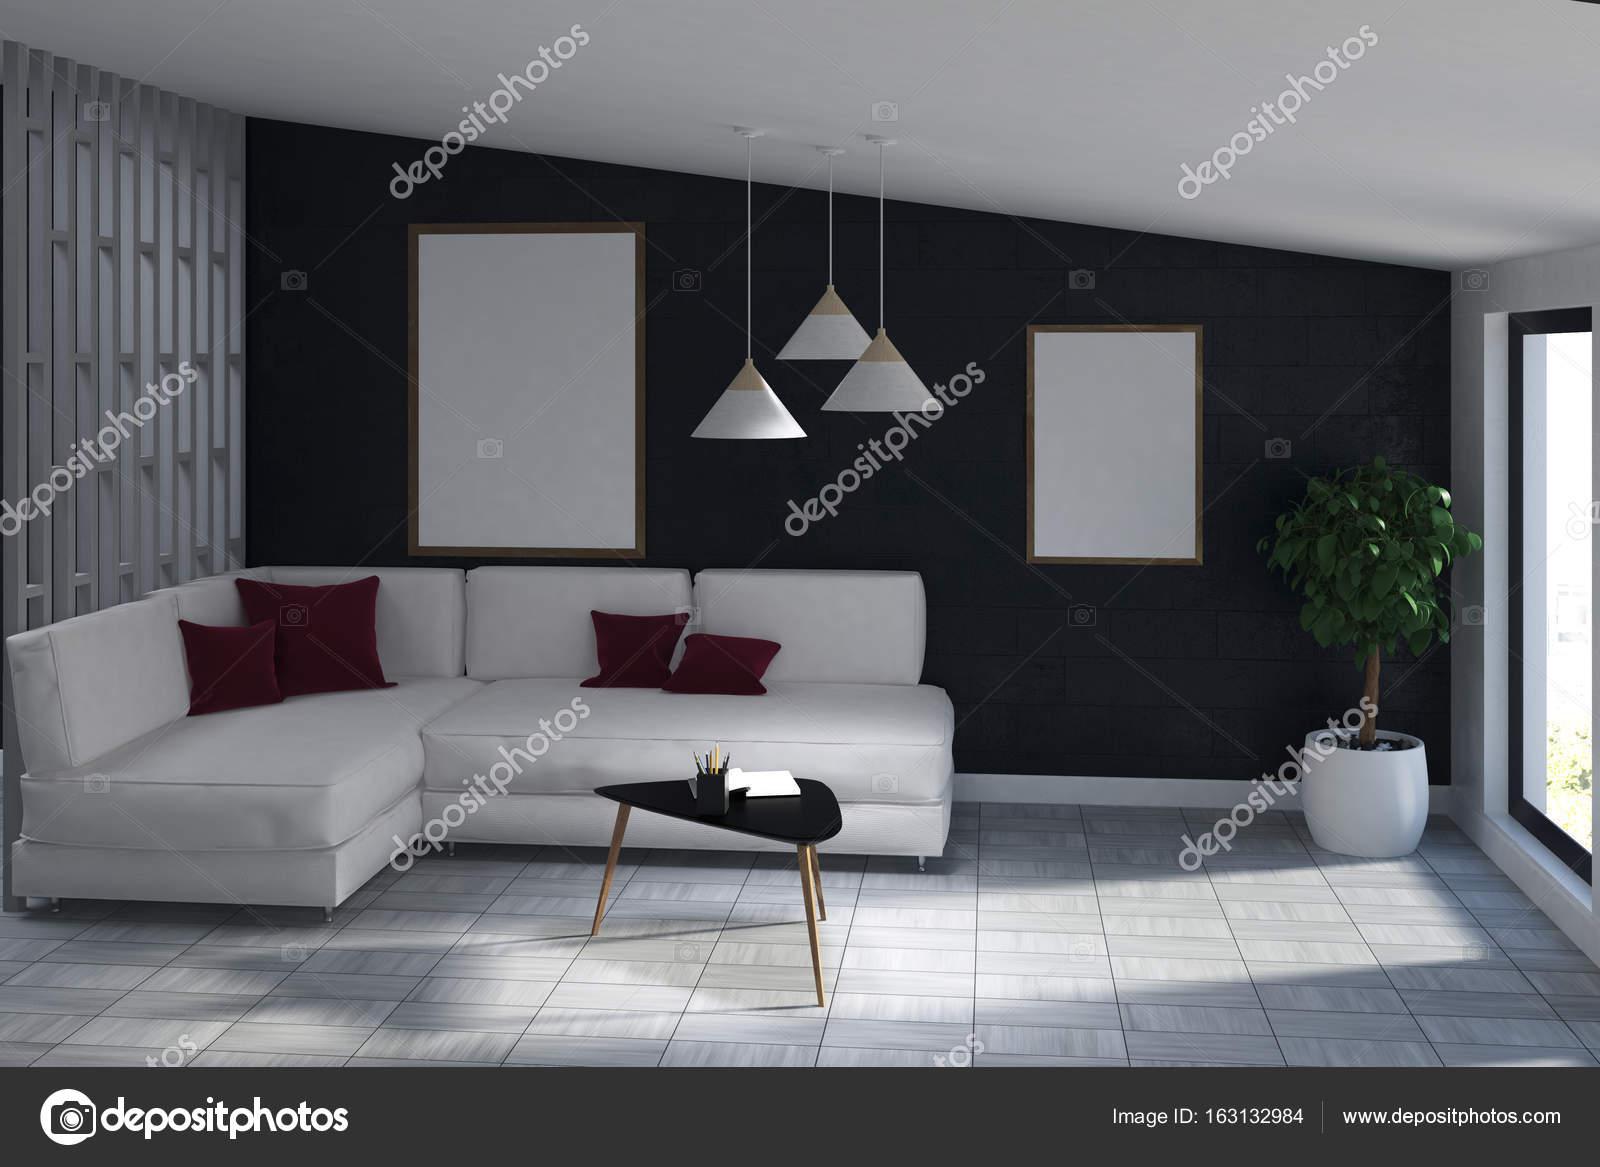 Attic Wohnzimmer Interieur Mit Einem Weißen Sofa, Einen Baum In Einem Topf,  Gerahmt Zwei Plakate Und Ein Moderner Couchtisch. 3D Rendering Mock Up U2014  Foto ...